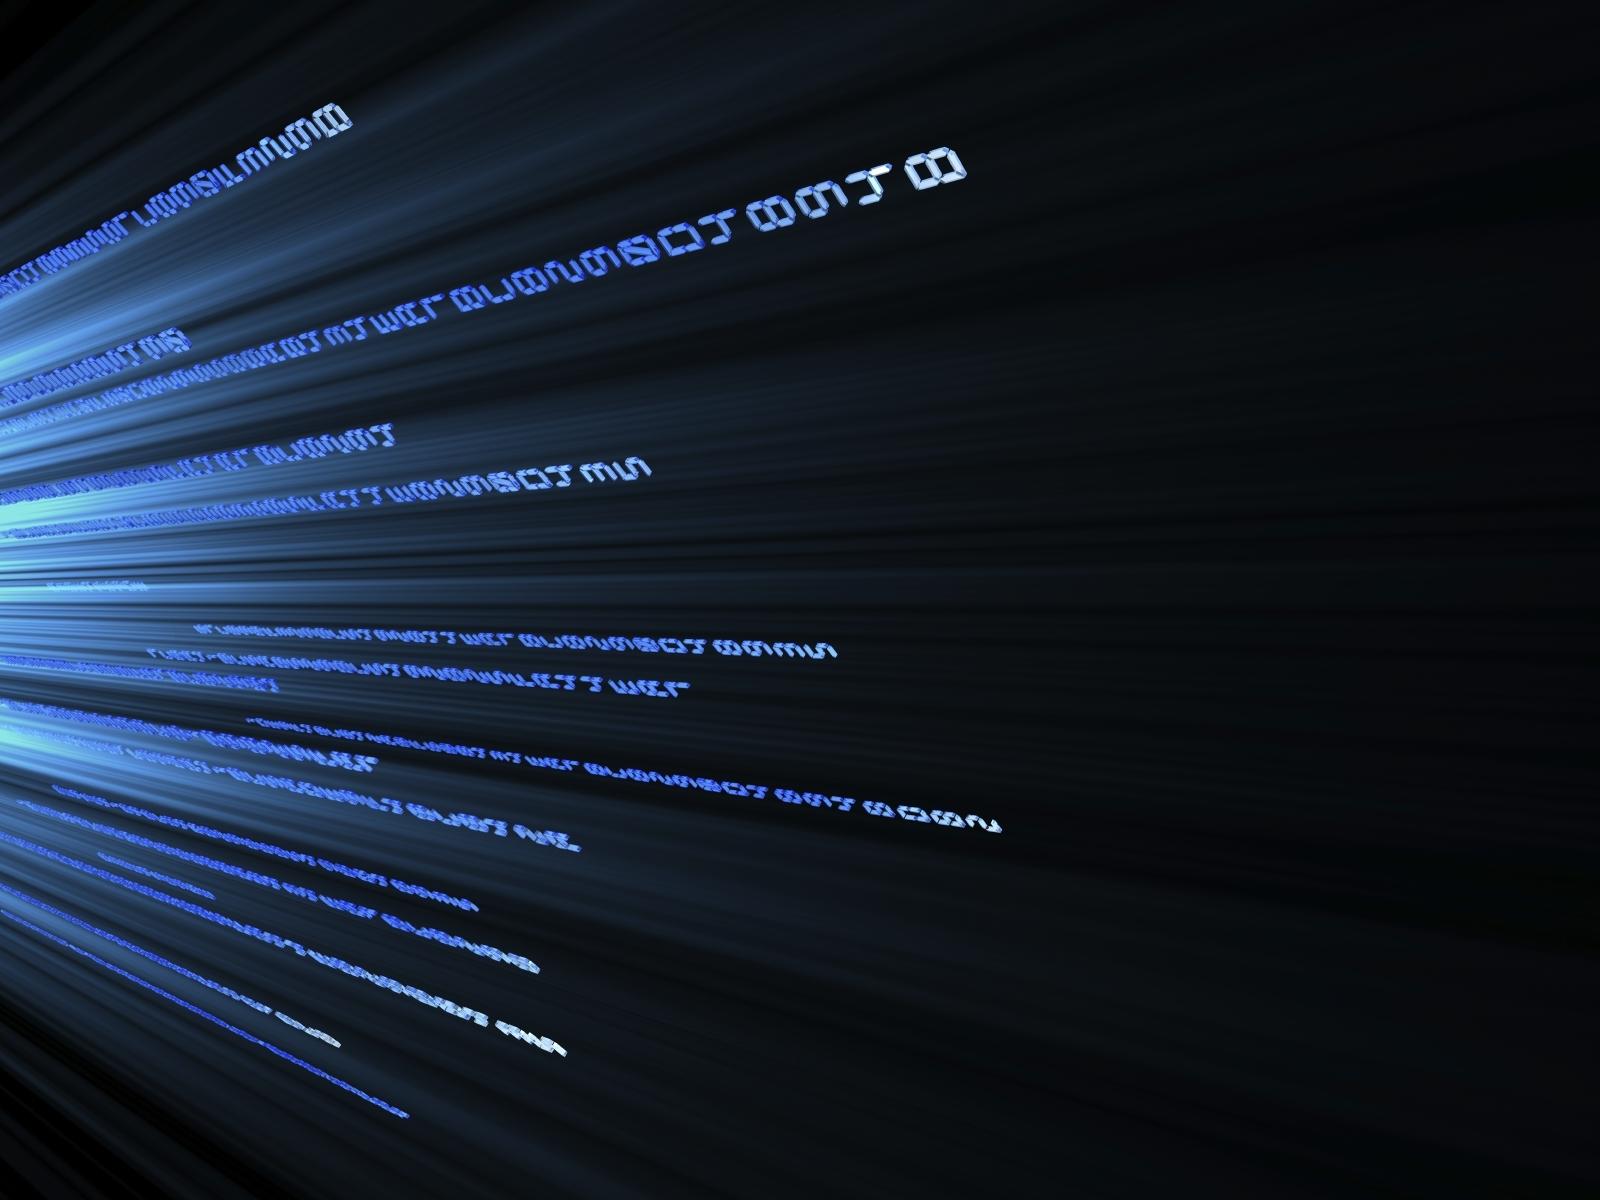 CyberNumeros.jpg